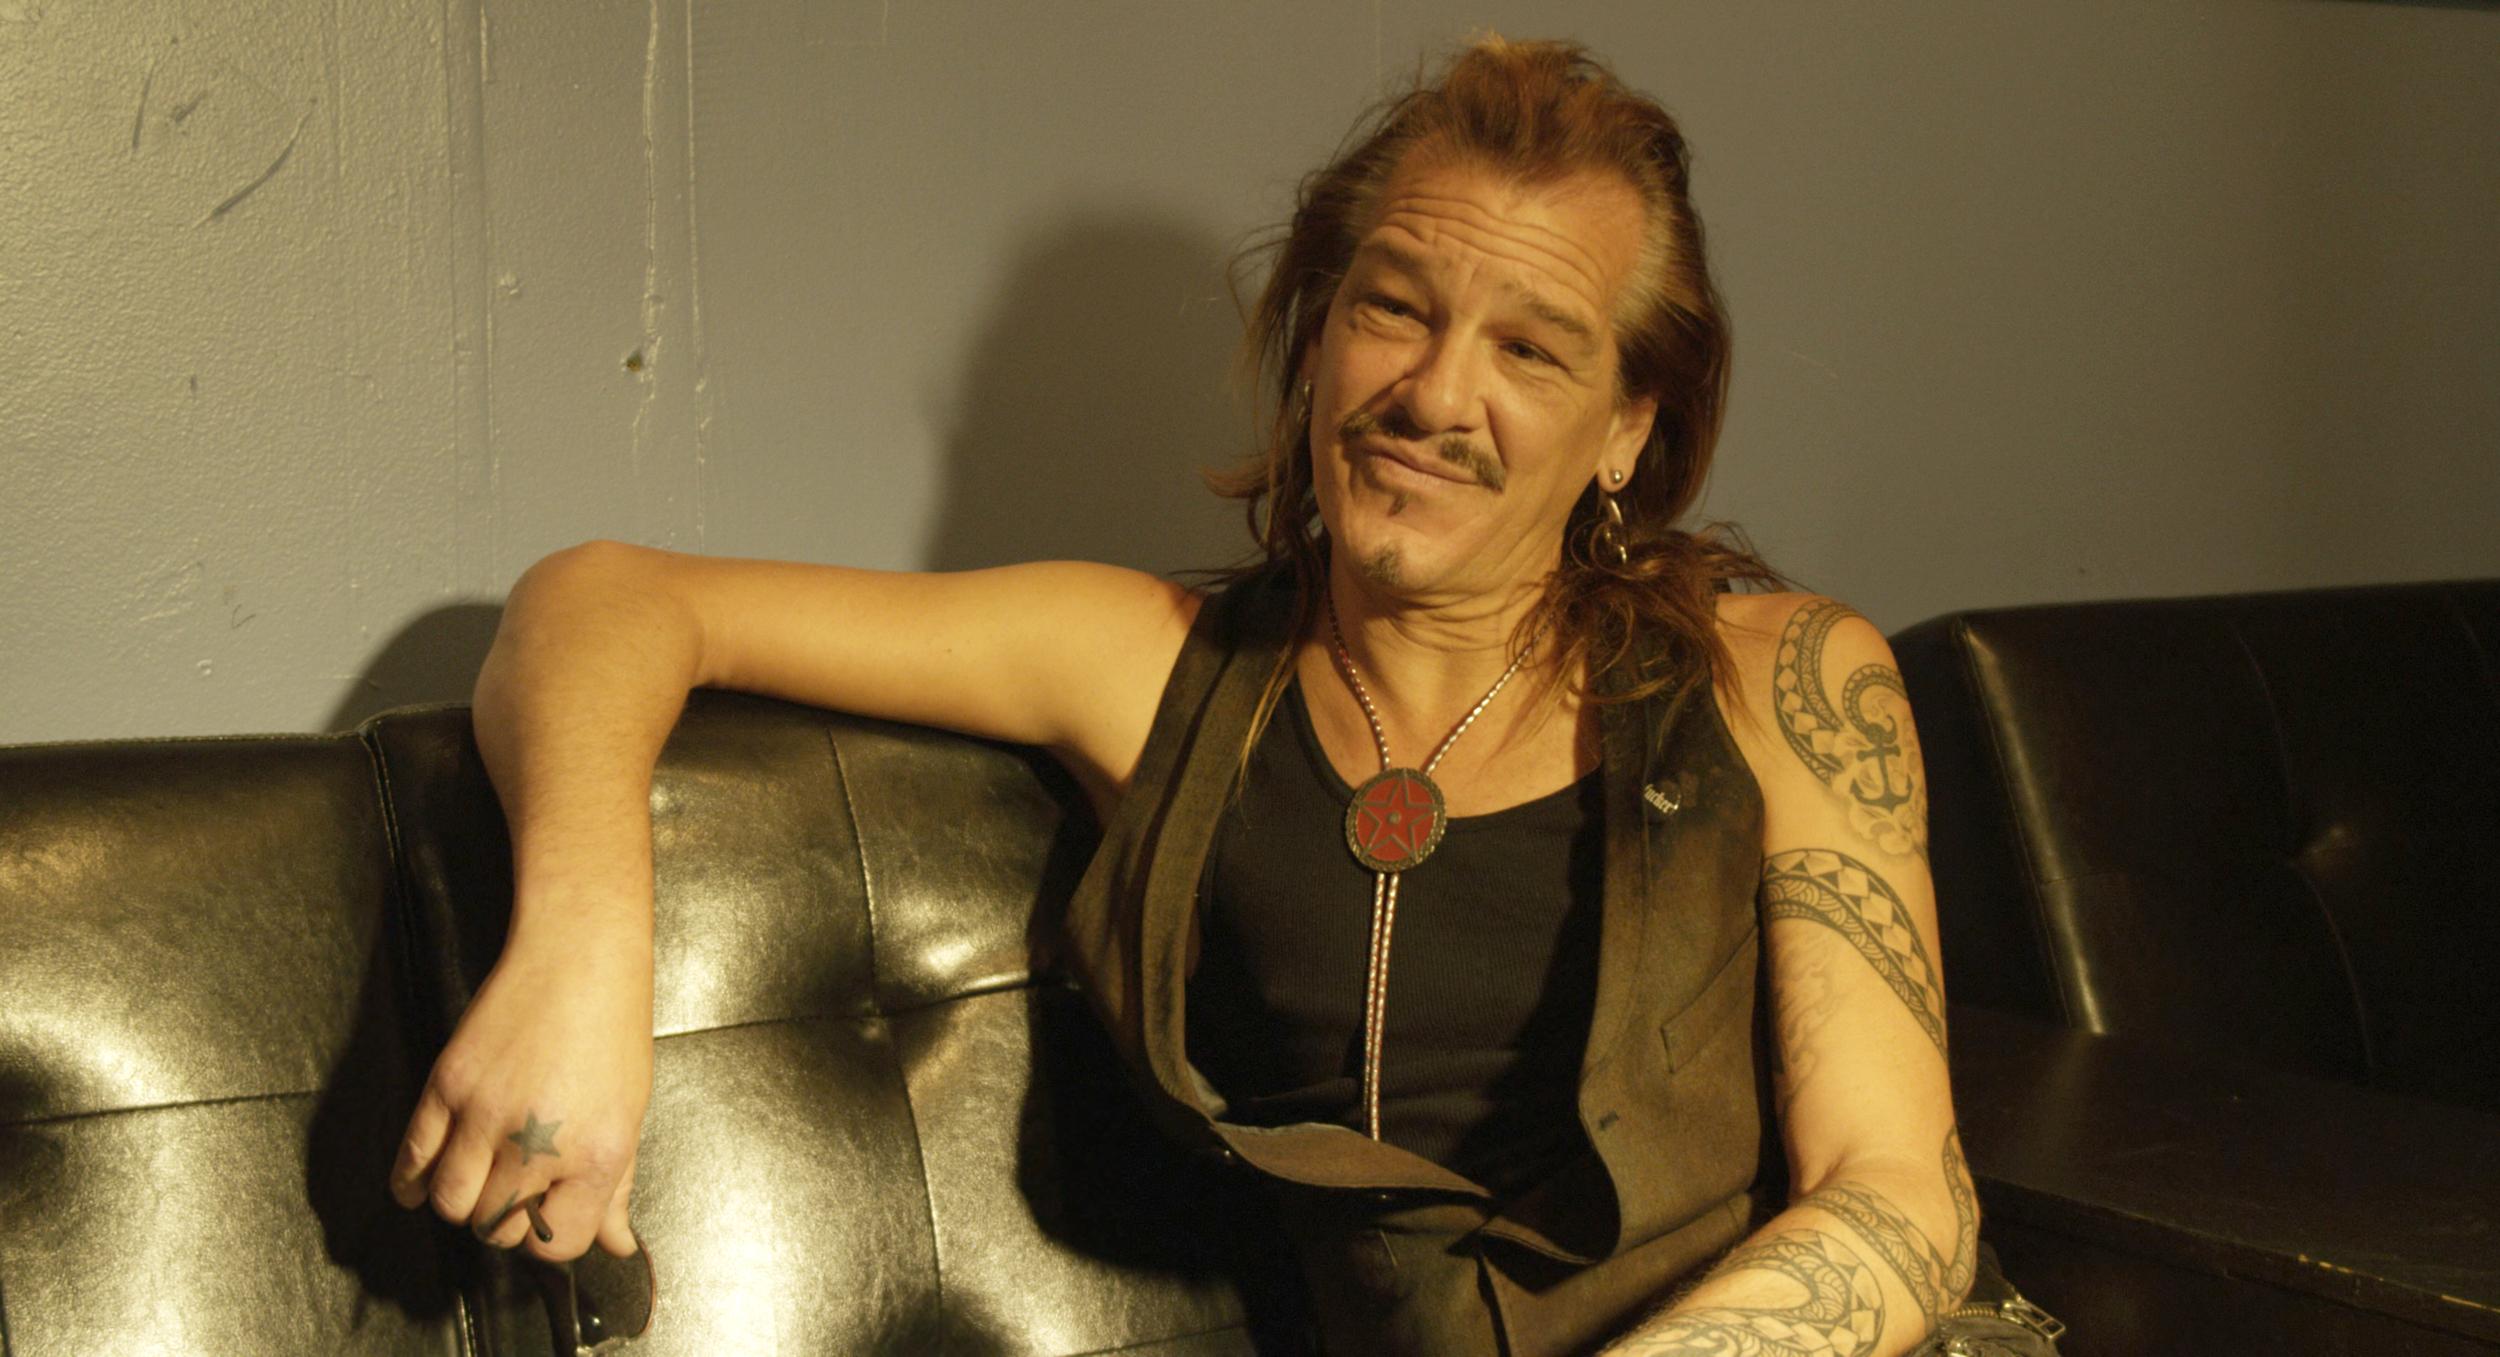 Groovie Mann of Thrill Kill Kult